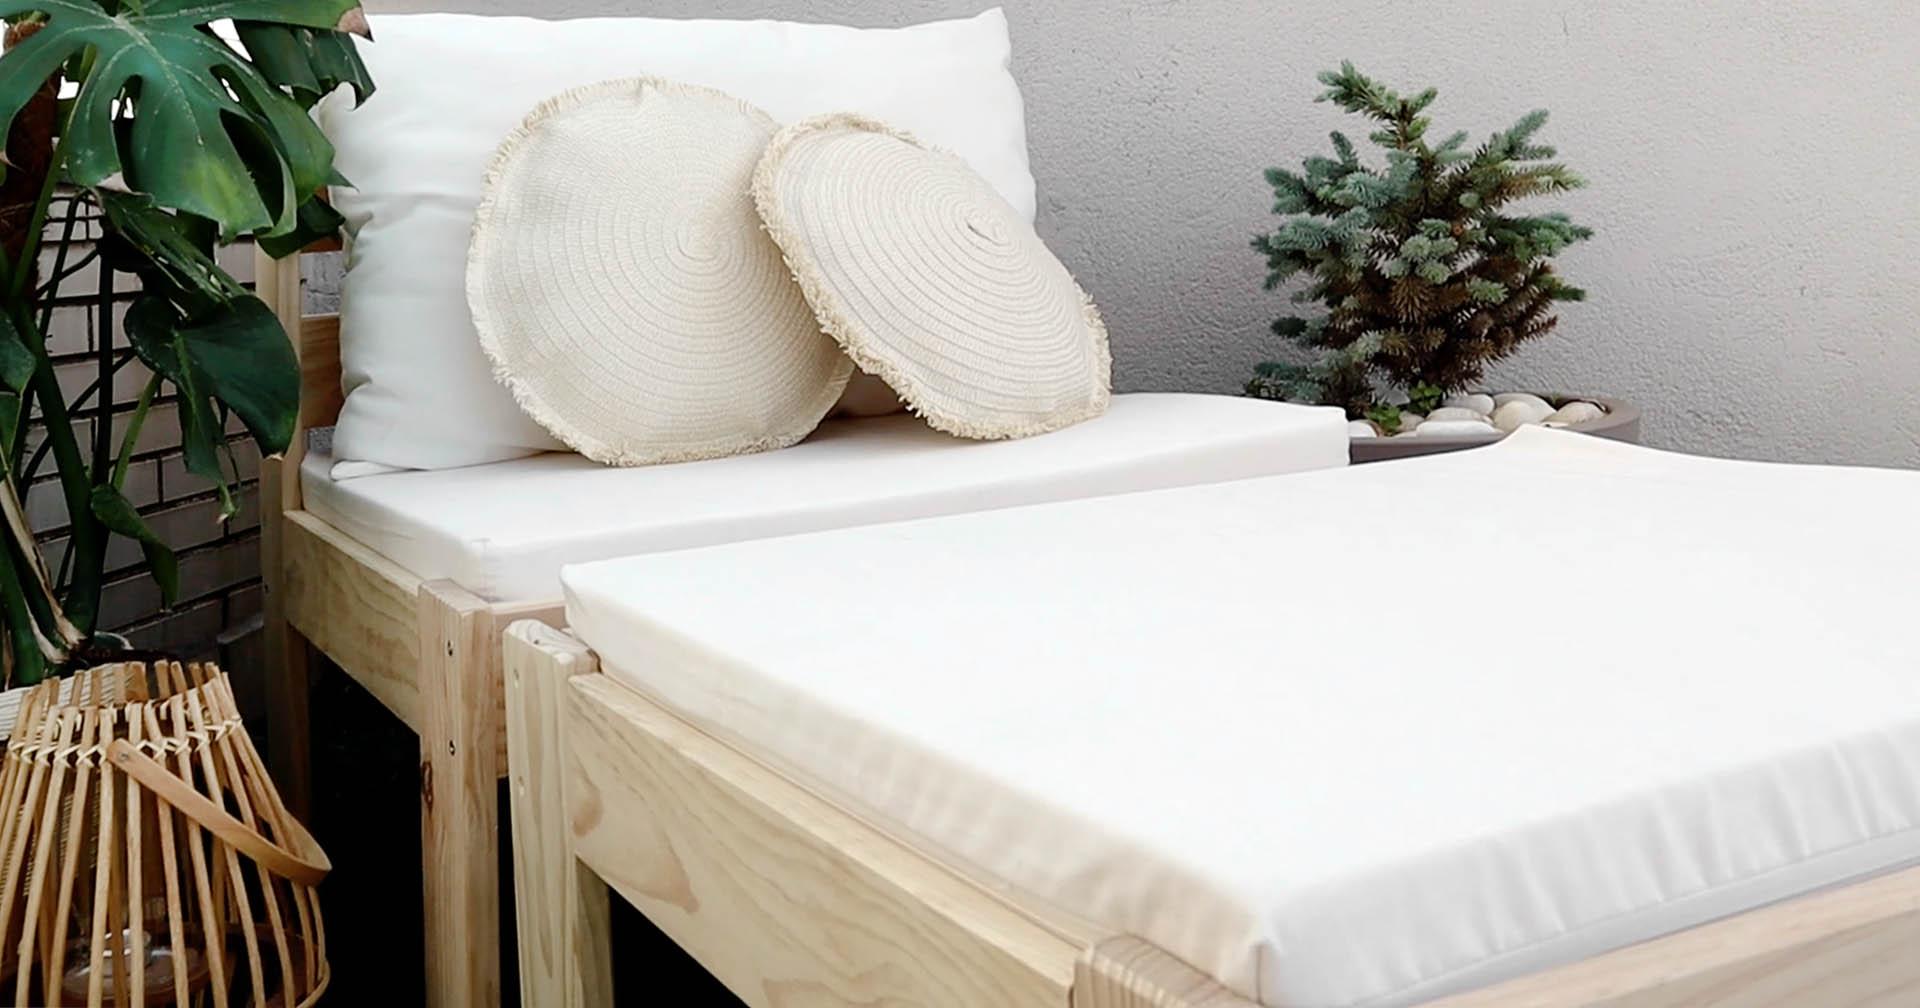 Cómo barnizar y pintar muebles de madera